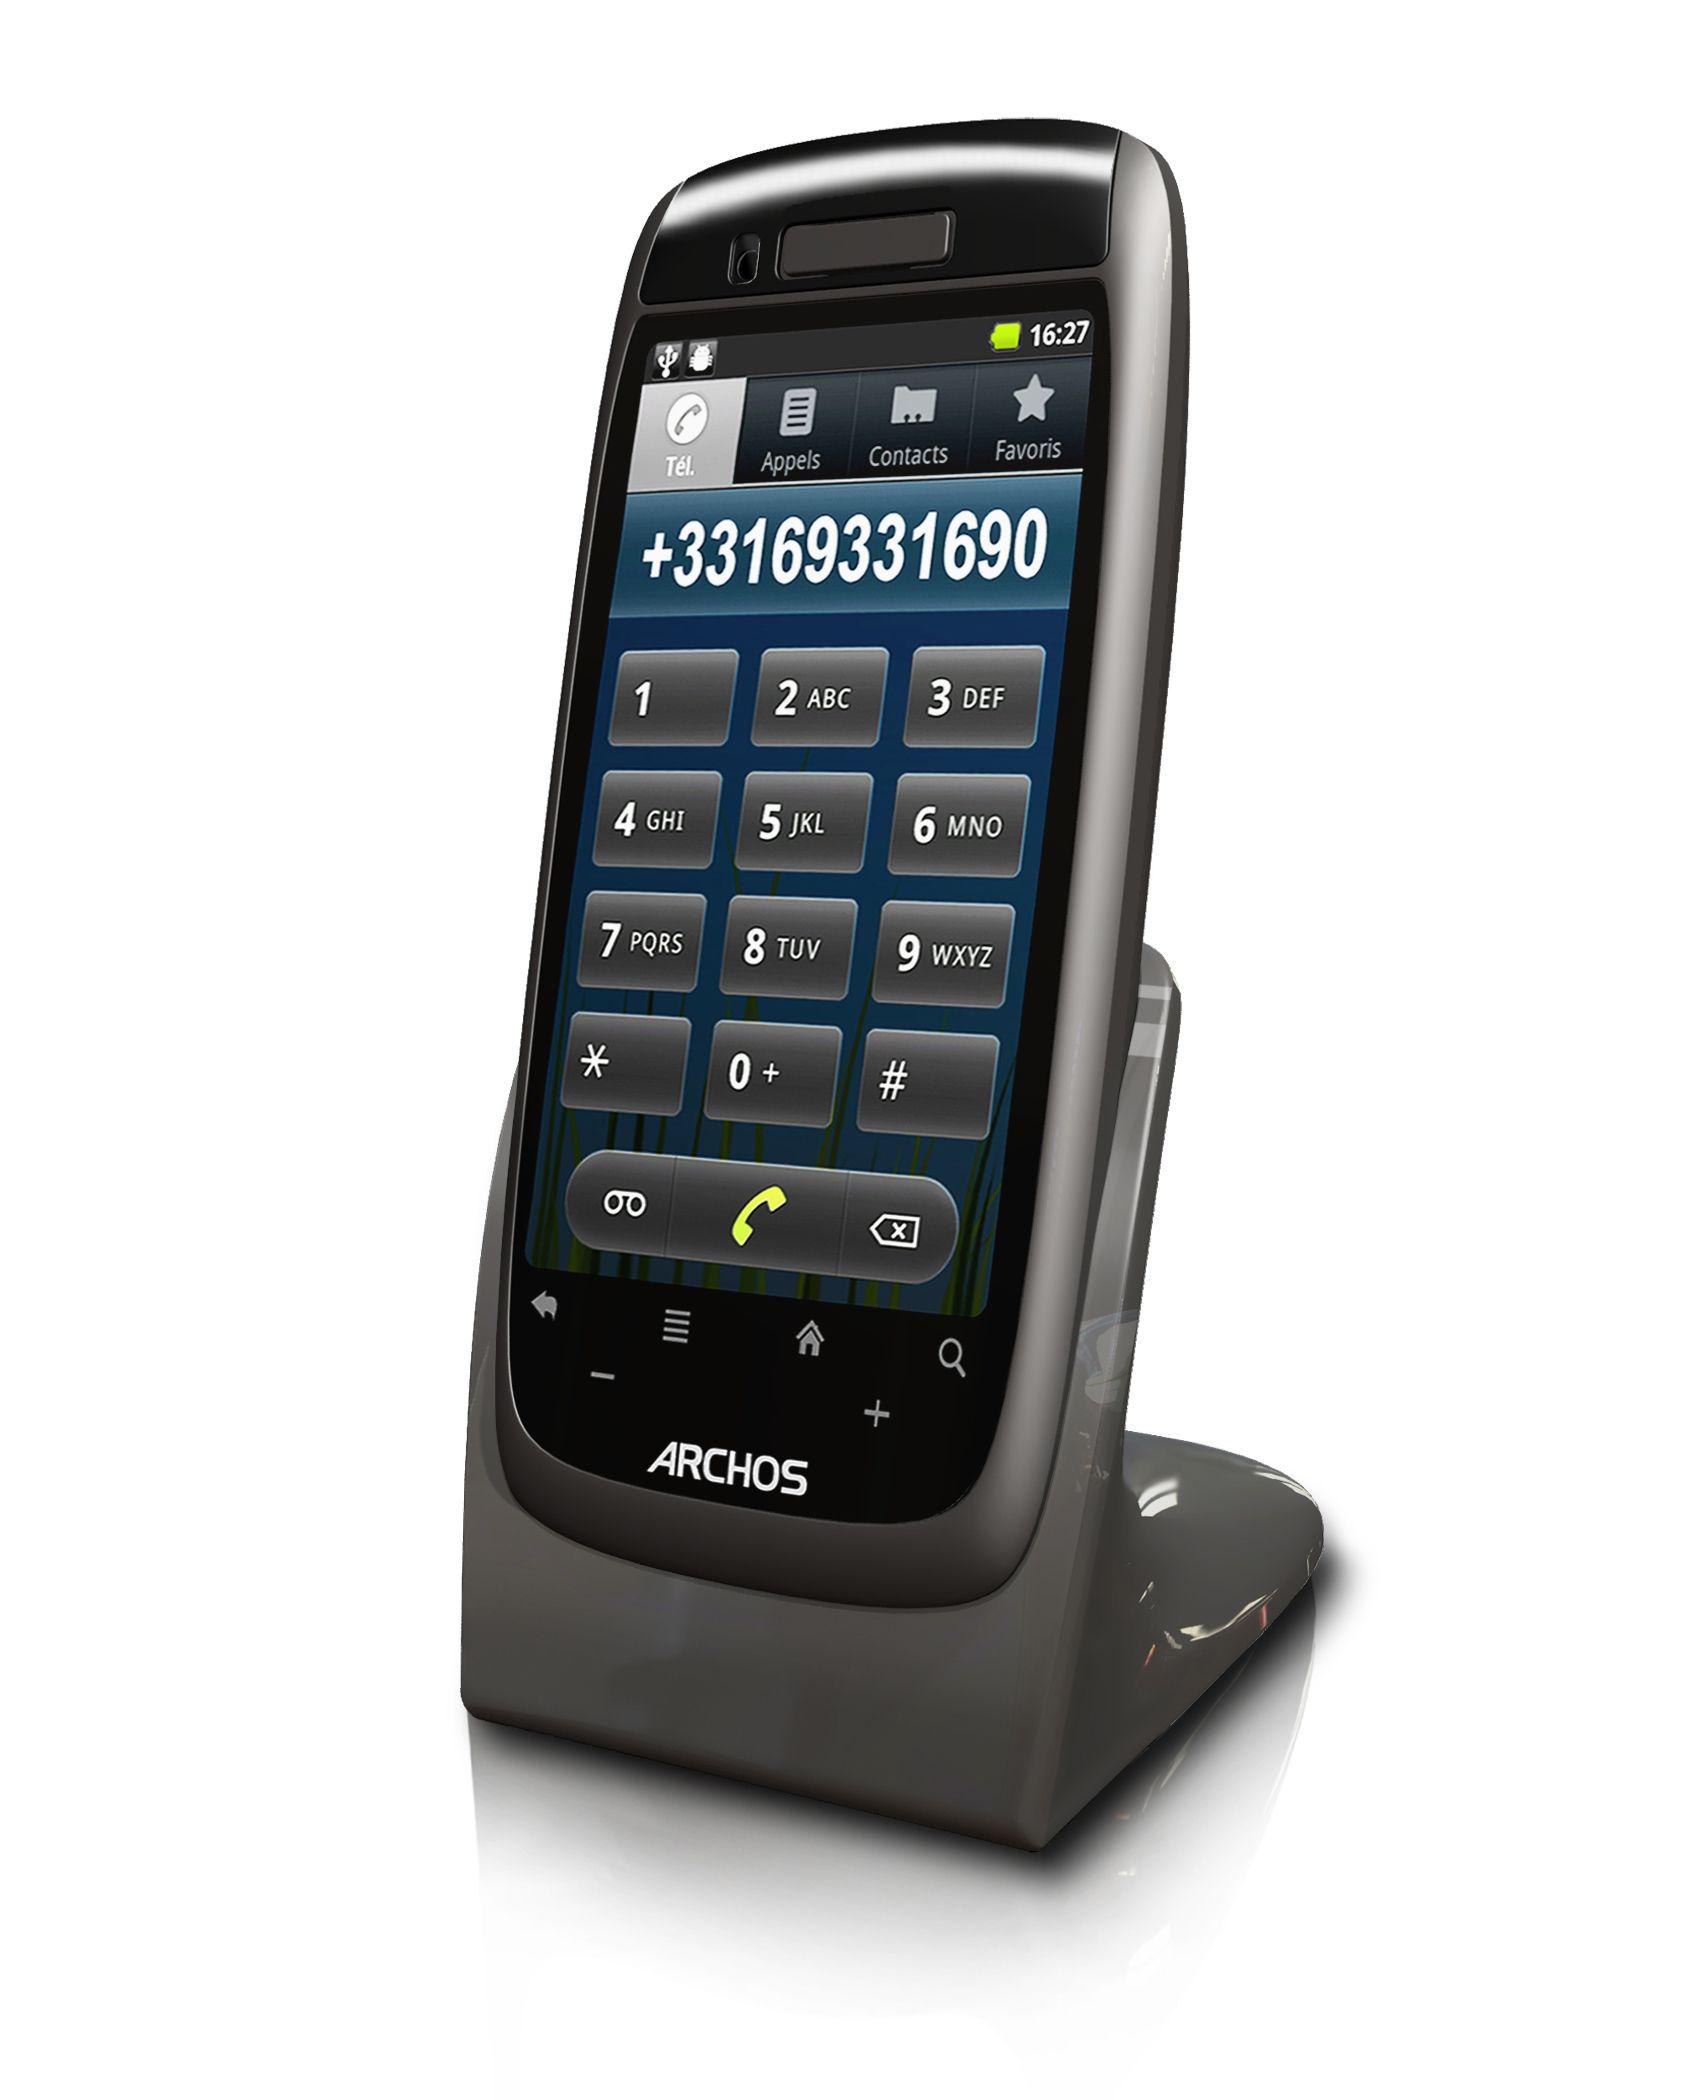 02-Ein-Archos-Android-Smart-Home-Phone_Der_Supportnet-Adventskalenderwunsch-zum-18-Dezember-Telefon-200.jpg?nocache=1324044556218